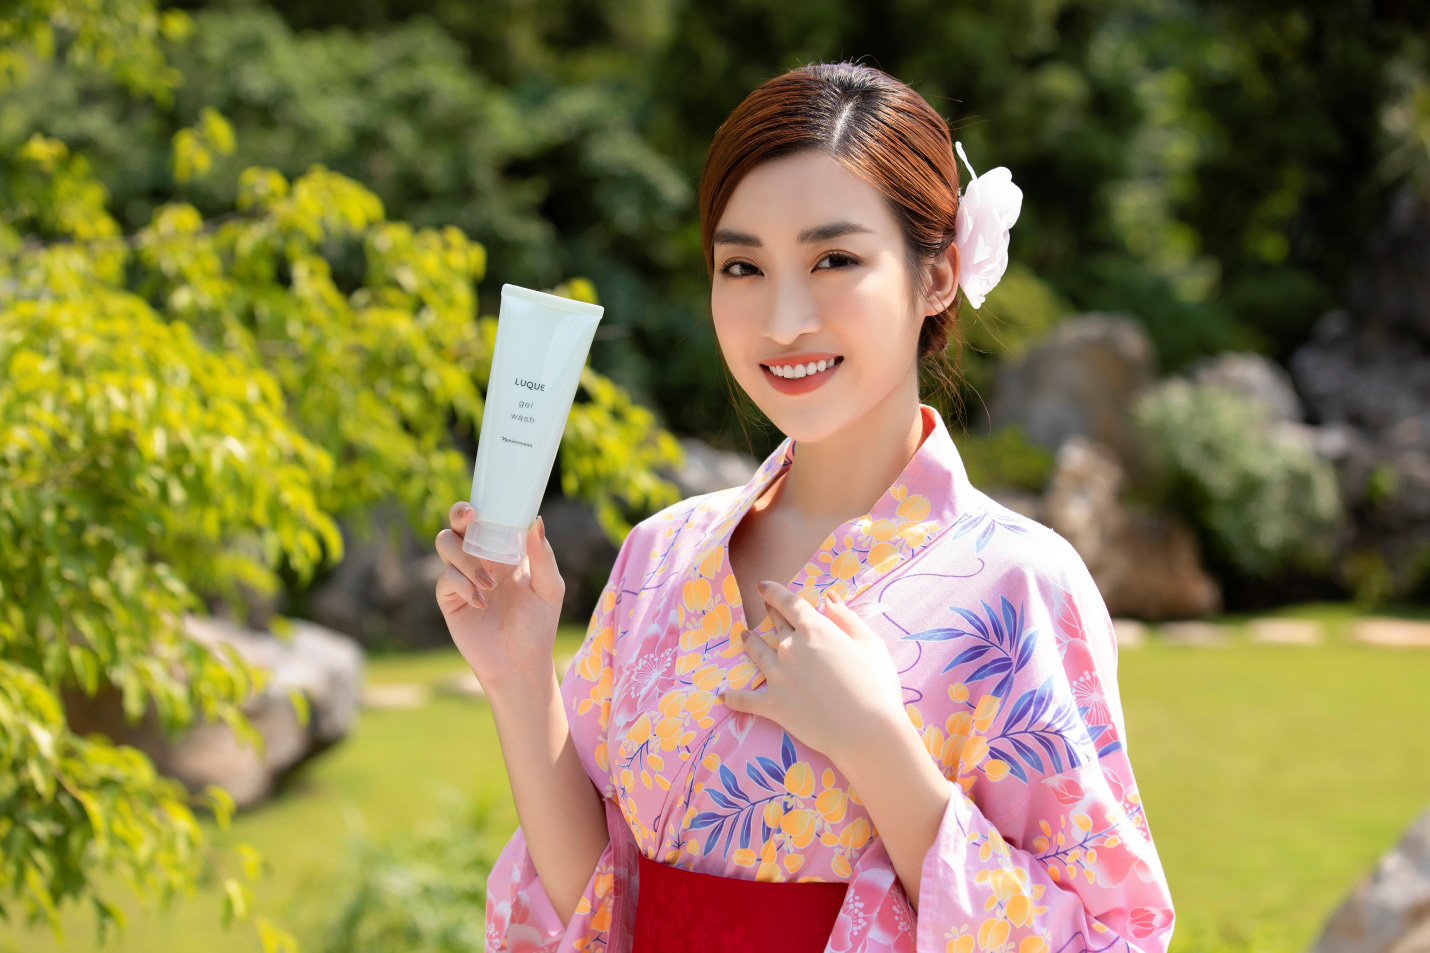 5 bí mật cho vẻ đẹp vượt thời gian của phụ nữ Nhật Bản - Ảnh 2.